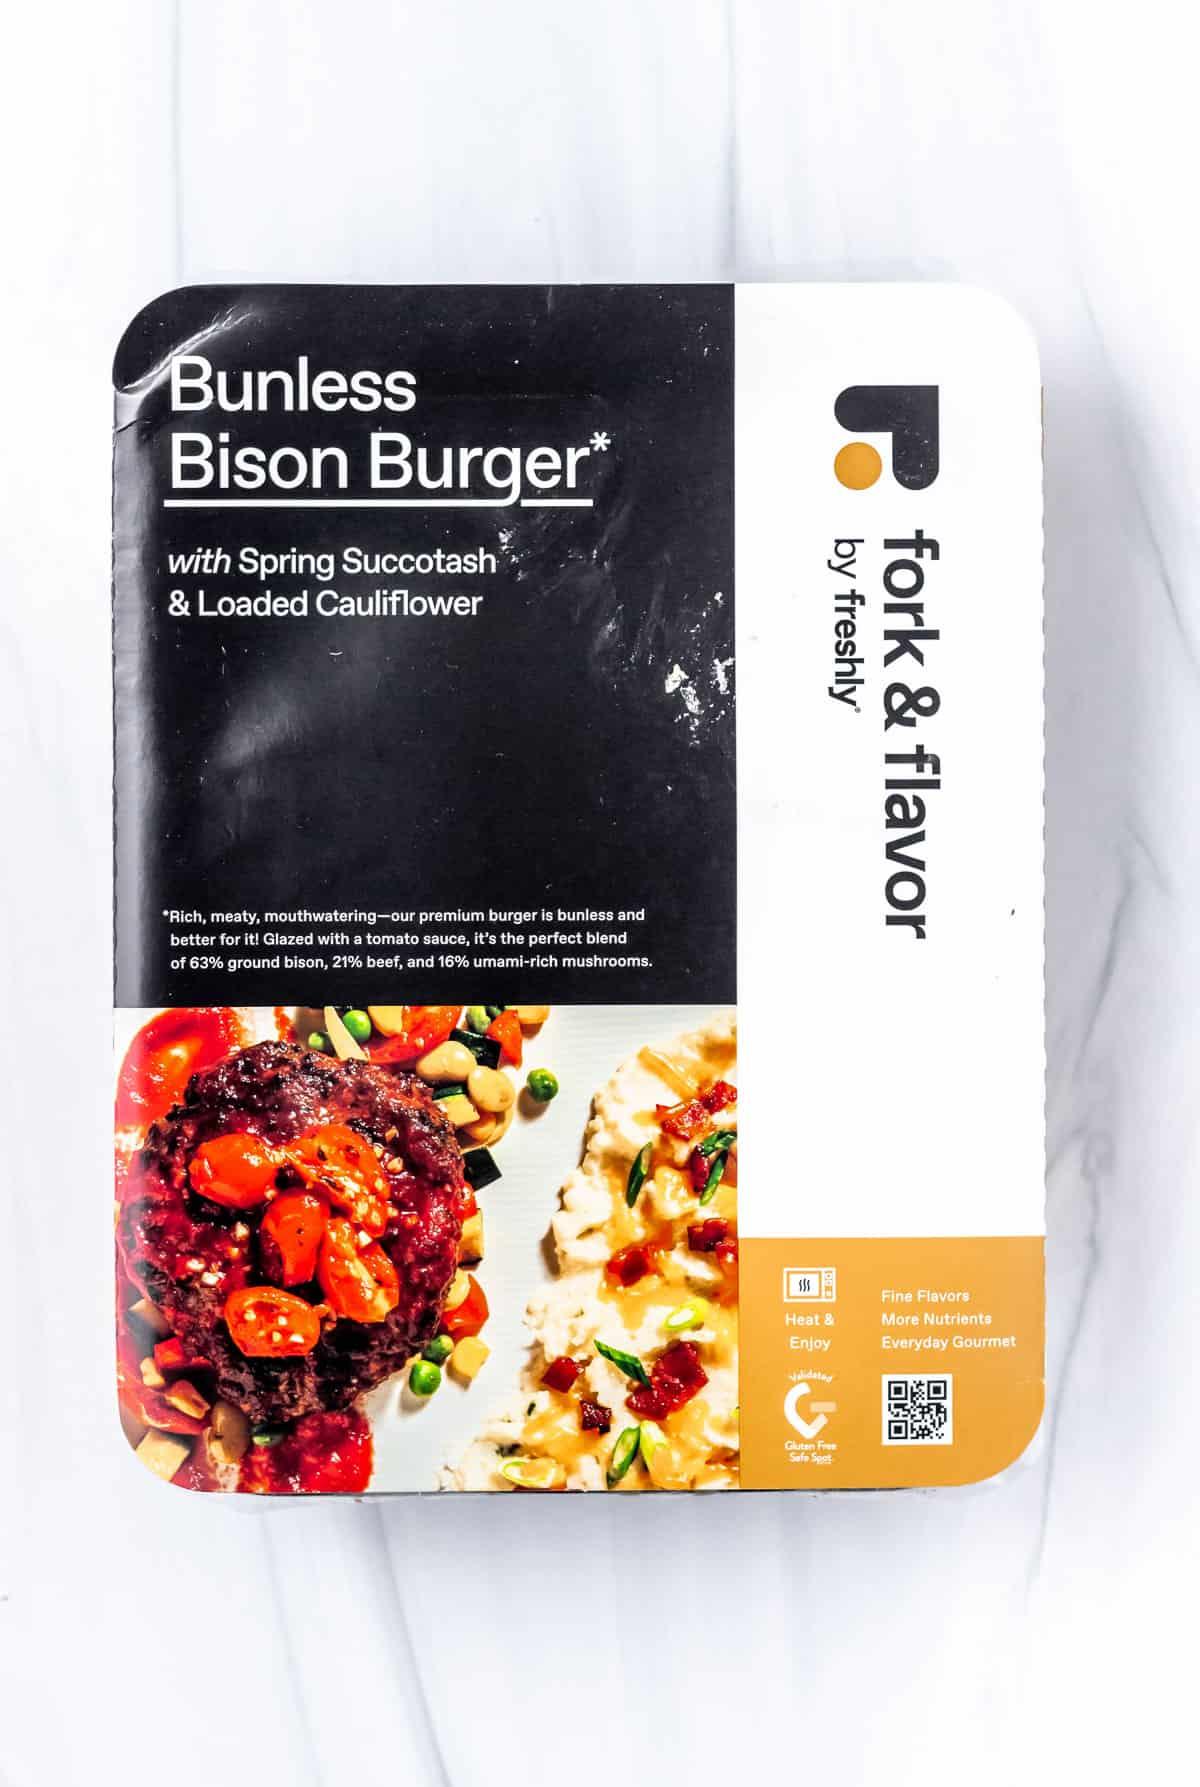 Freshly Bunless Bison Burger box